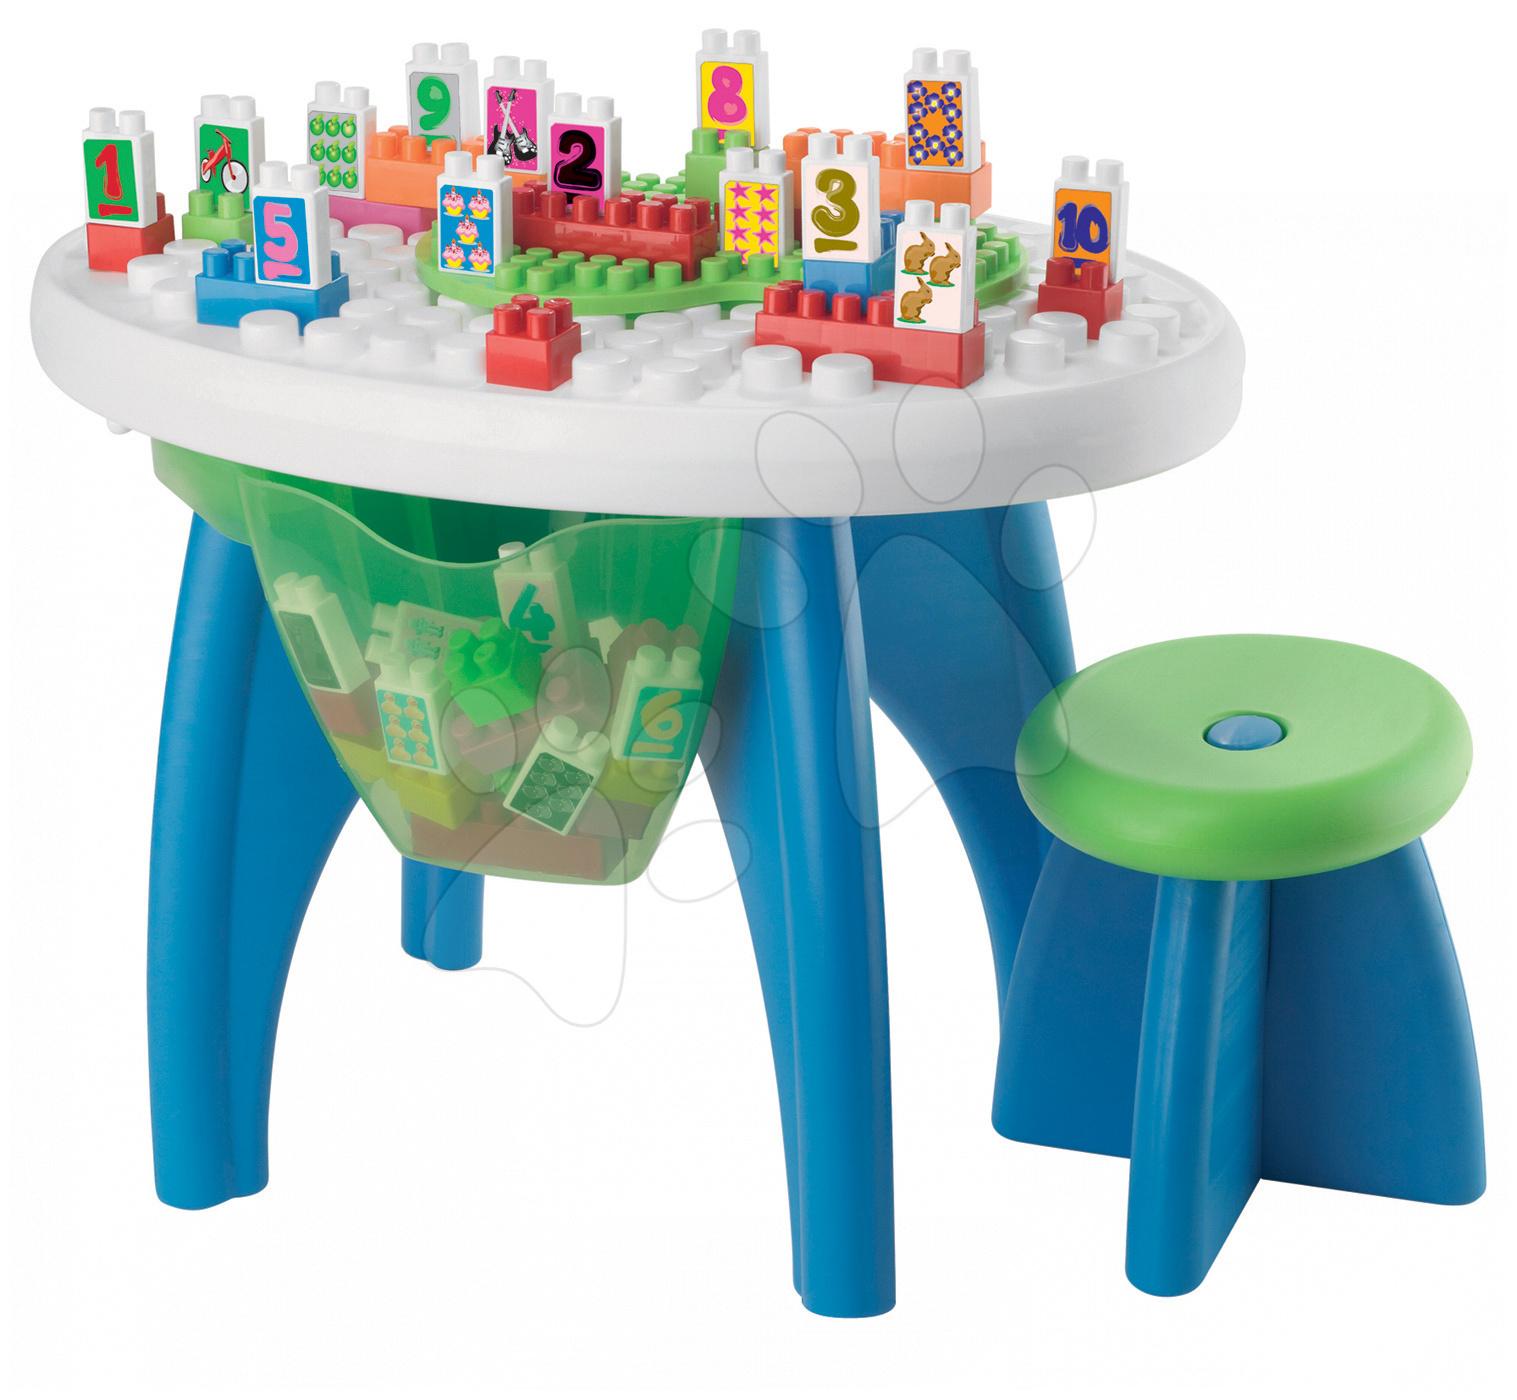 Régi termékek - Kreatív Asztal Számozott ÉpítőelemekkelÉcoiffier 43 db 18 hó-tól